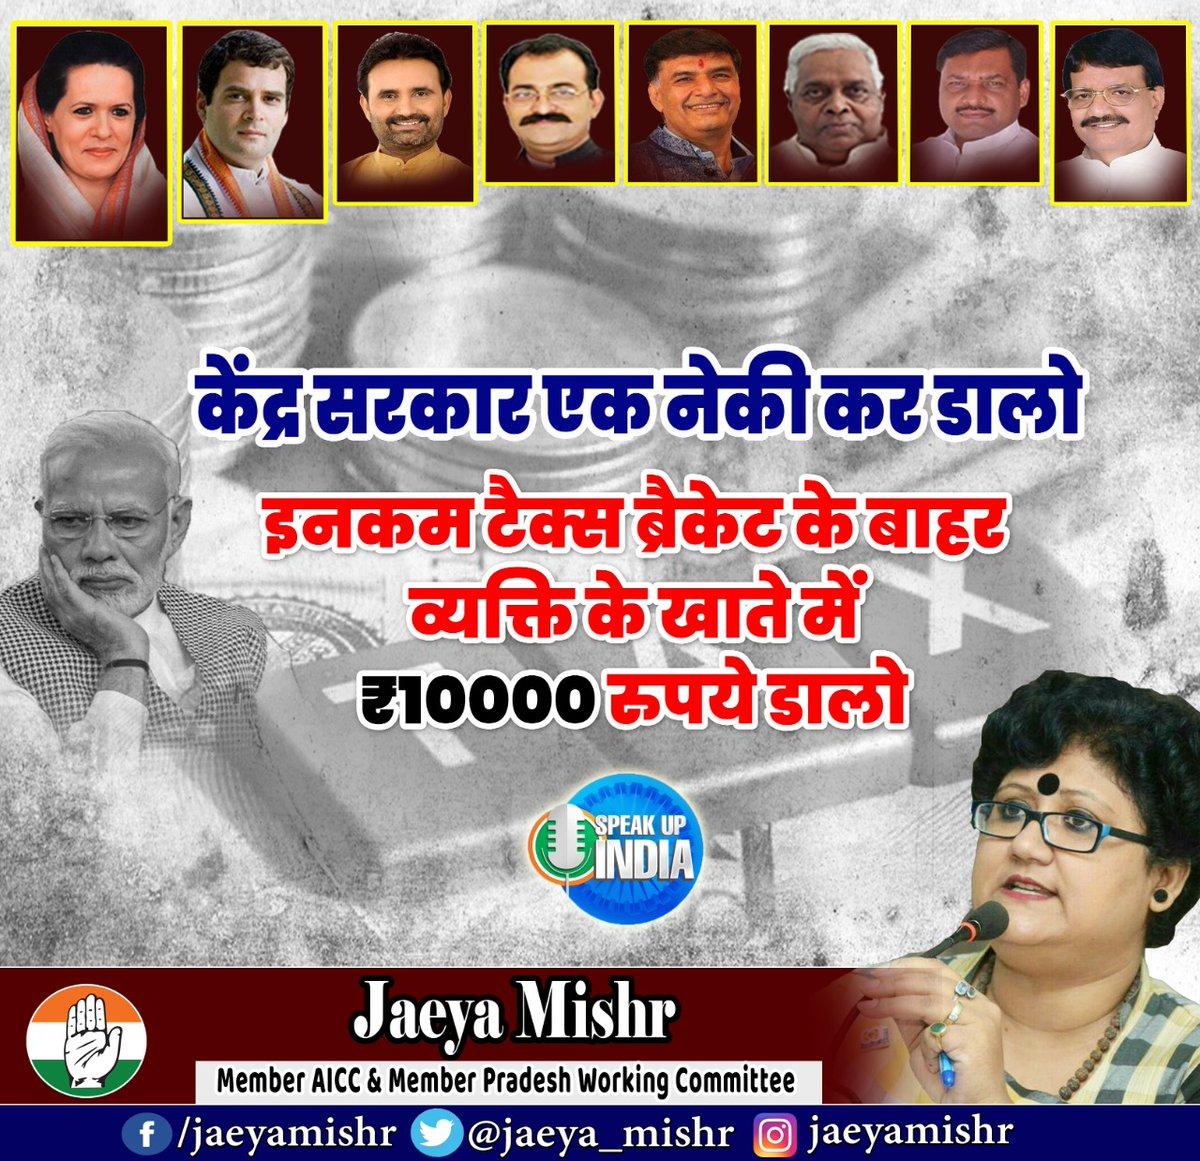 #SPEAK_UP_INDIA